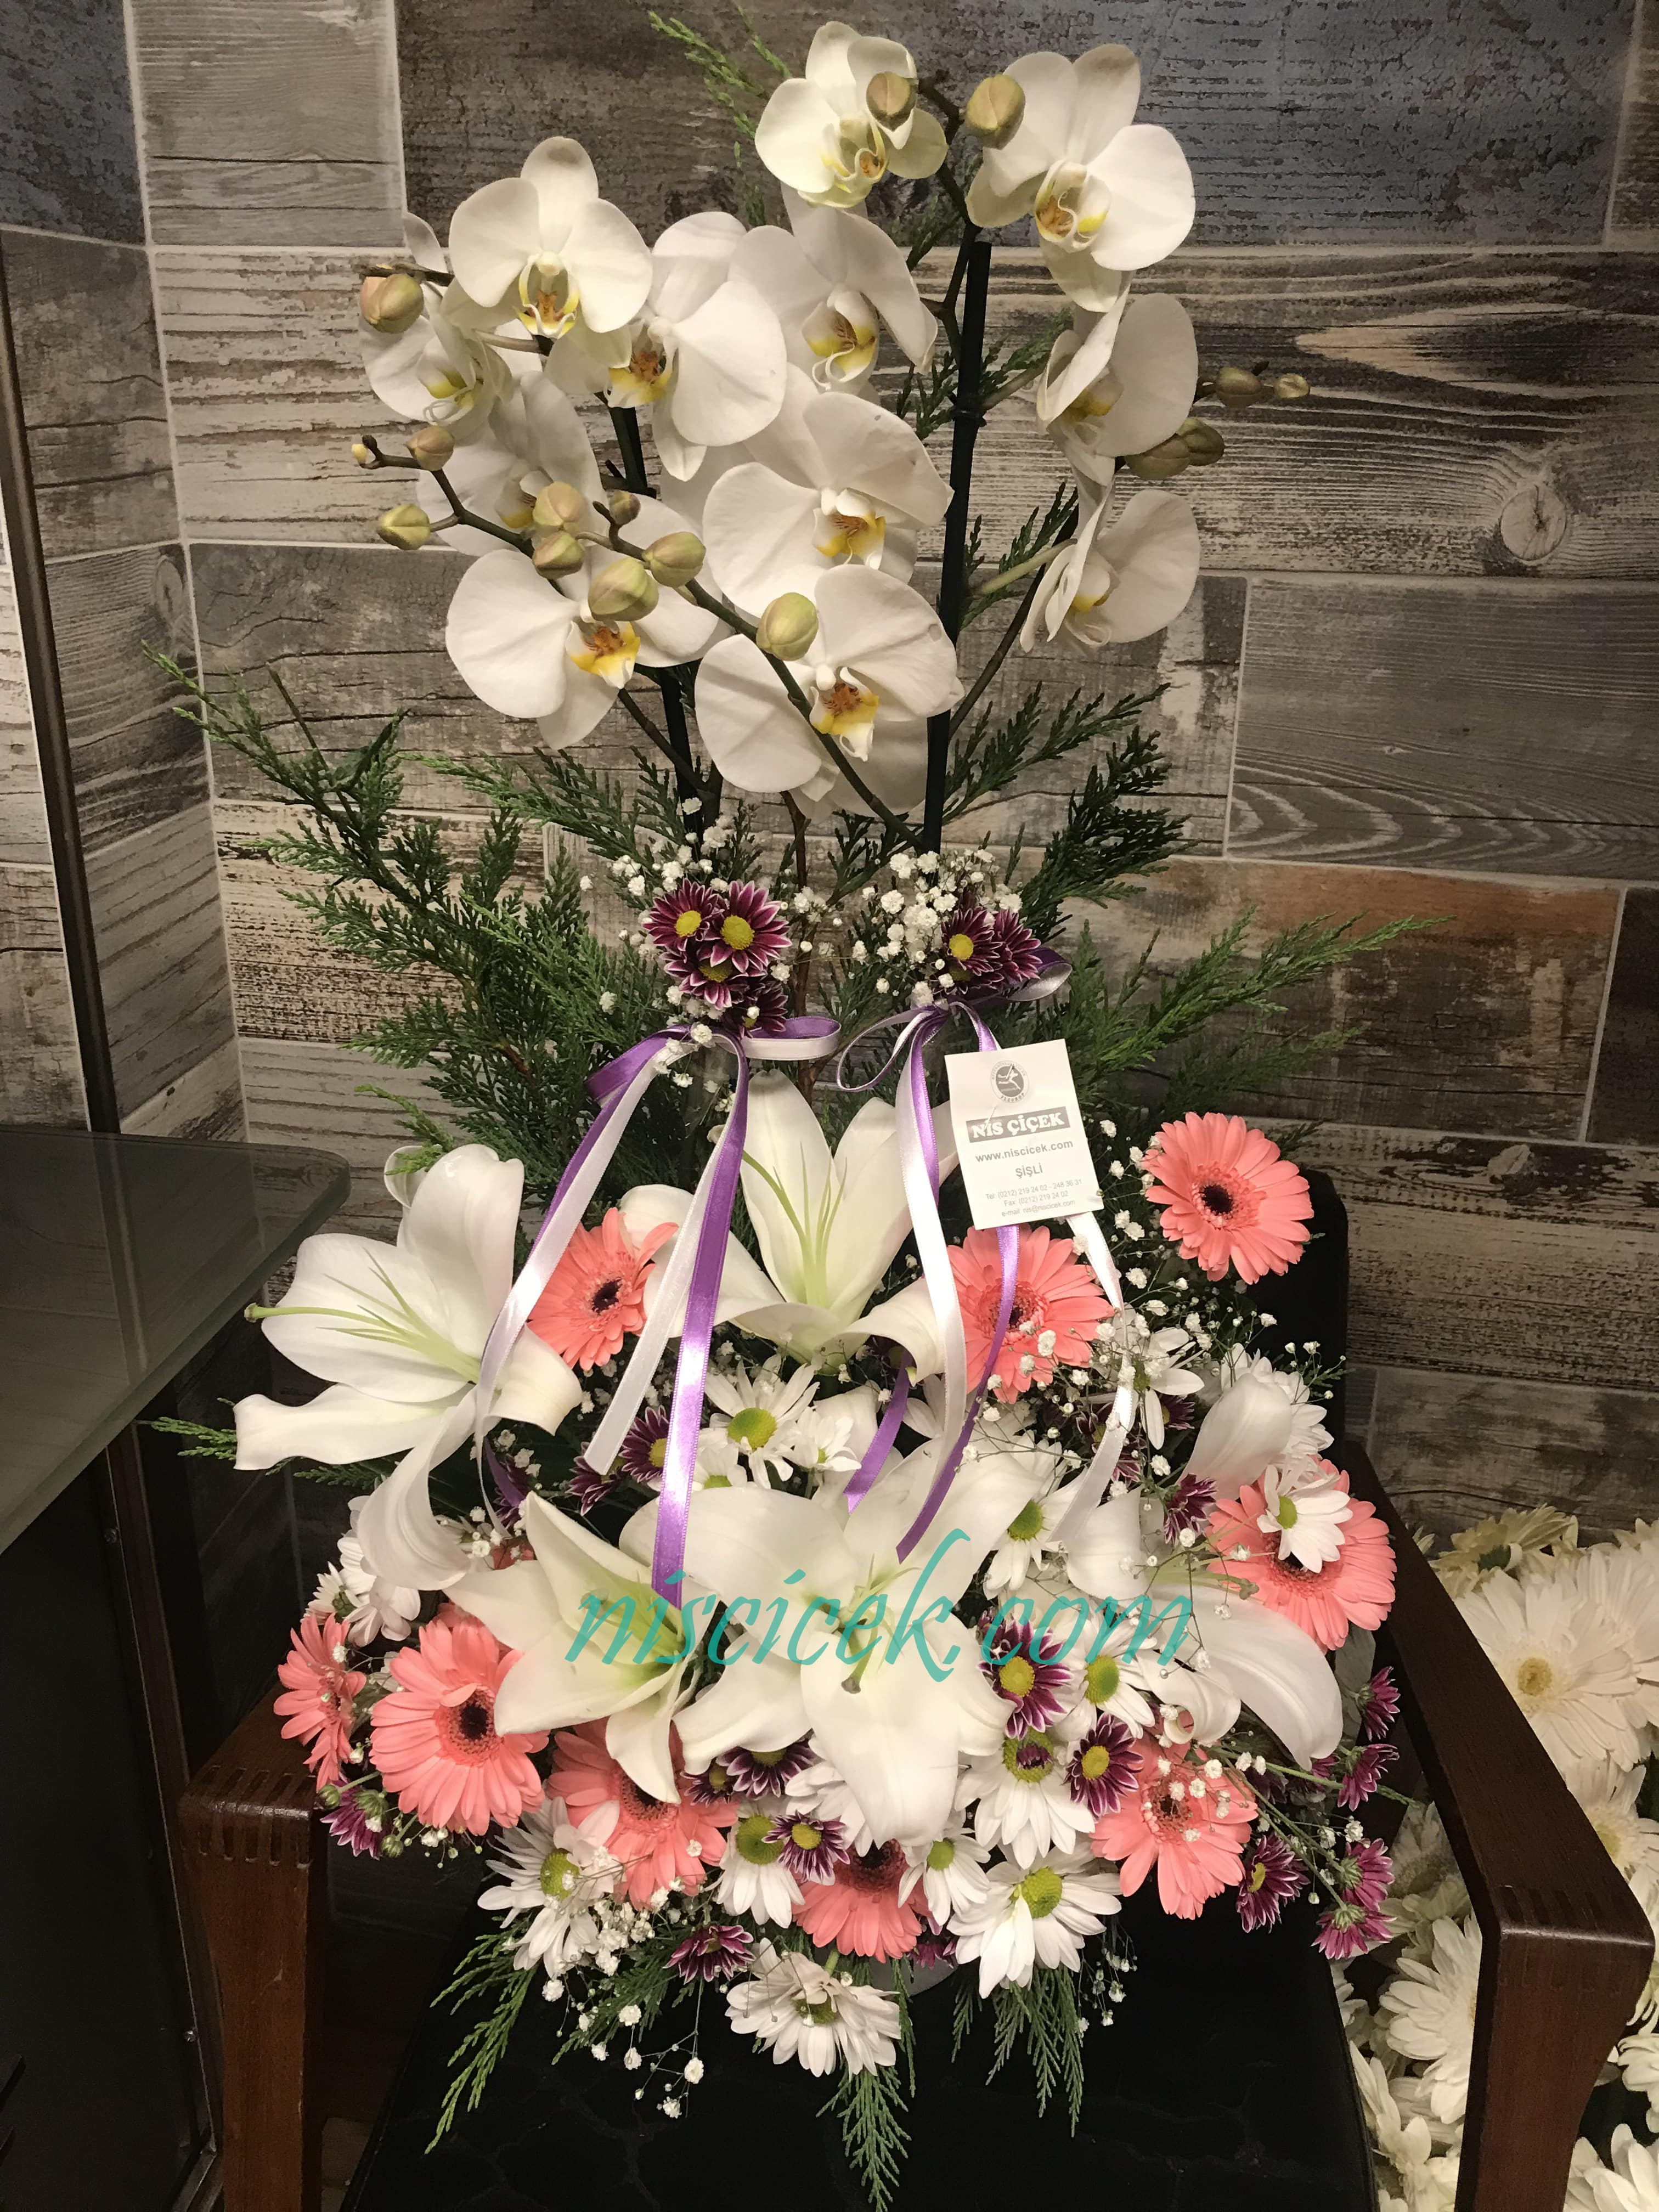 Seramik Saksıda 2 Köklü Beyaz Orkide Lilyumlu Pembe Beyaz Aranjman Tanzim - Ürün Kodu:731